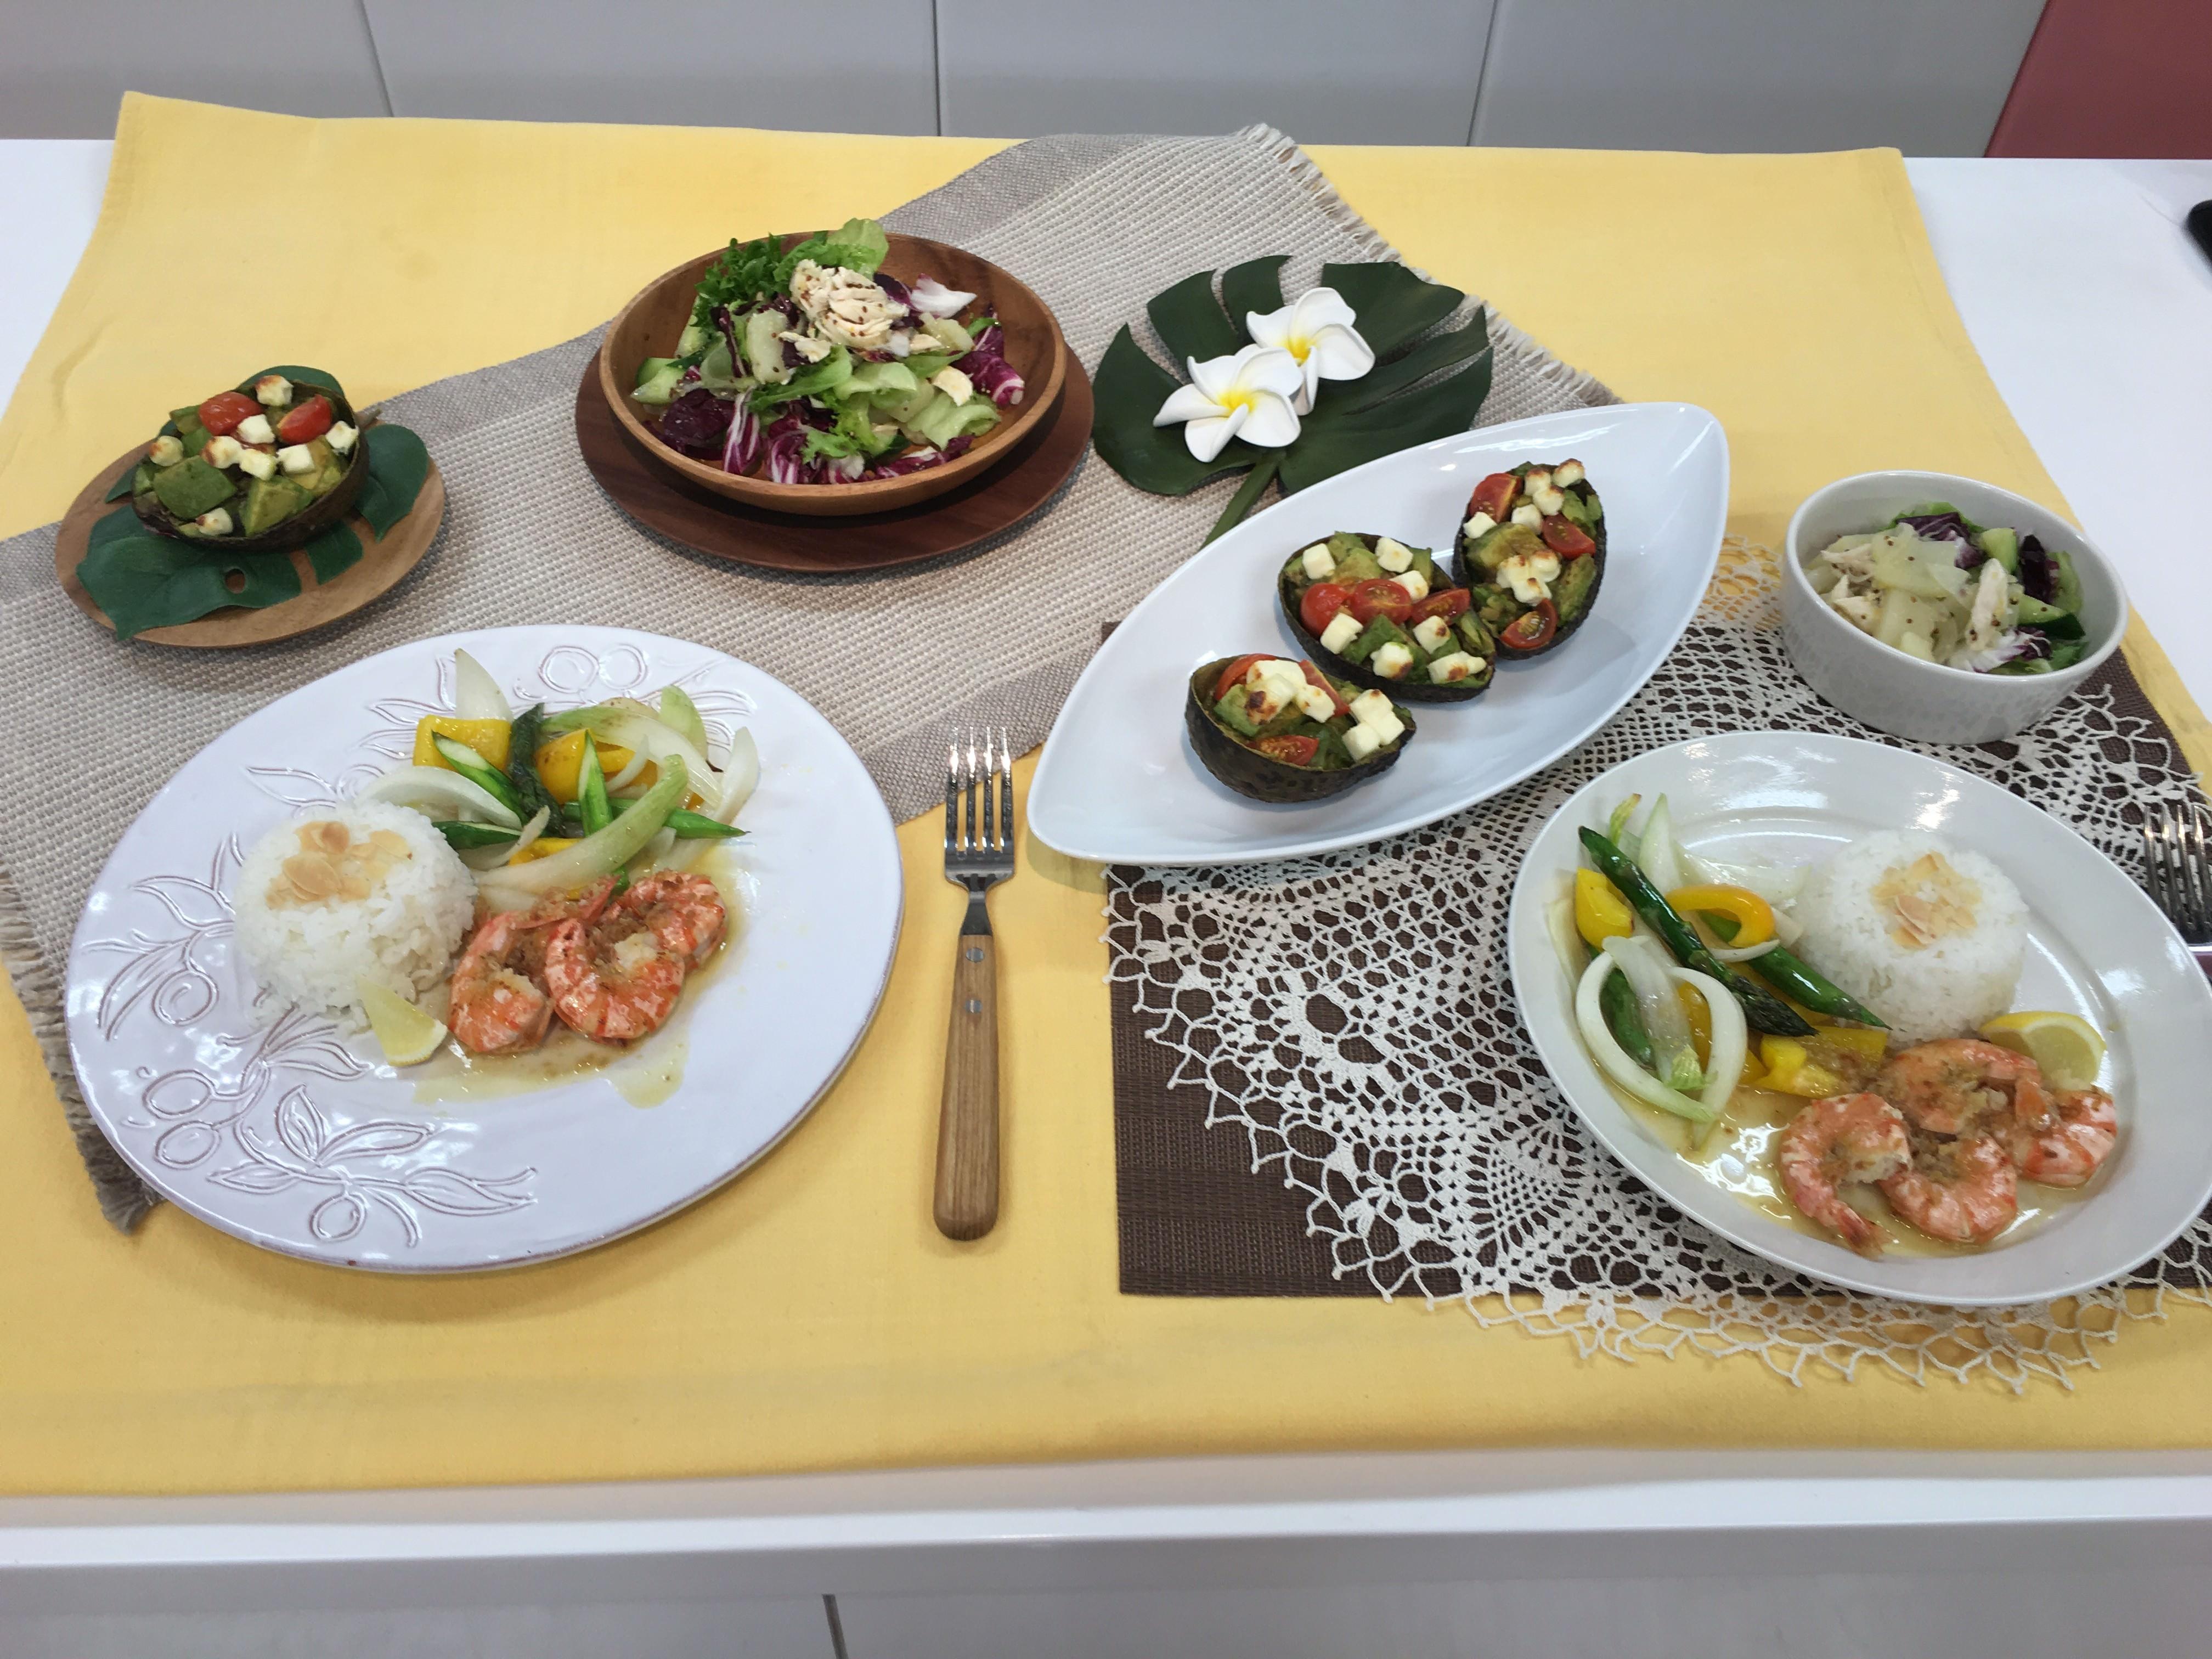 ベターホーム | お料理教室・道具と食品のネット …